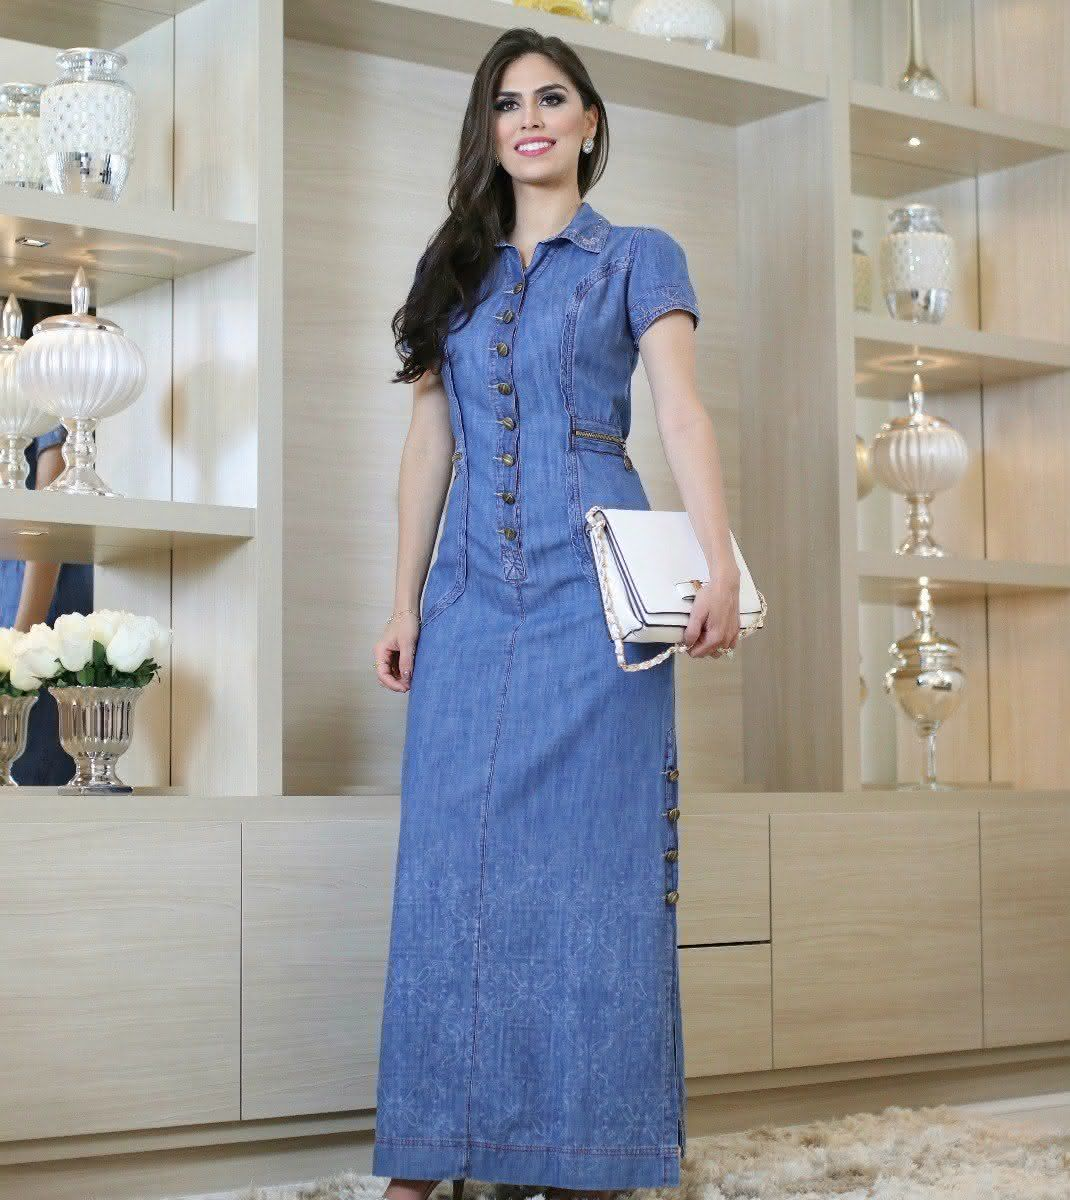 Modelos de vestidos de jeans 2019